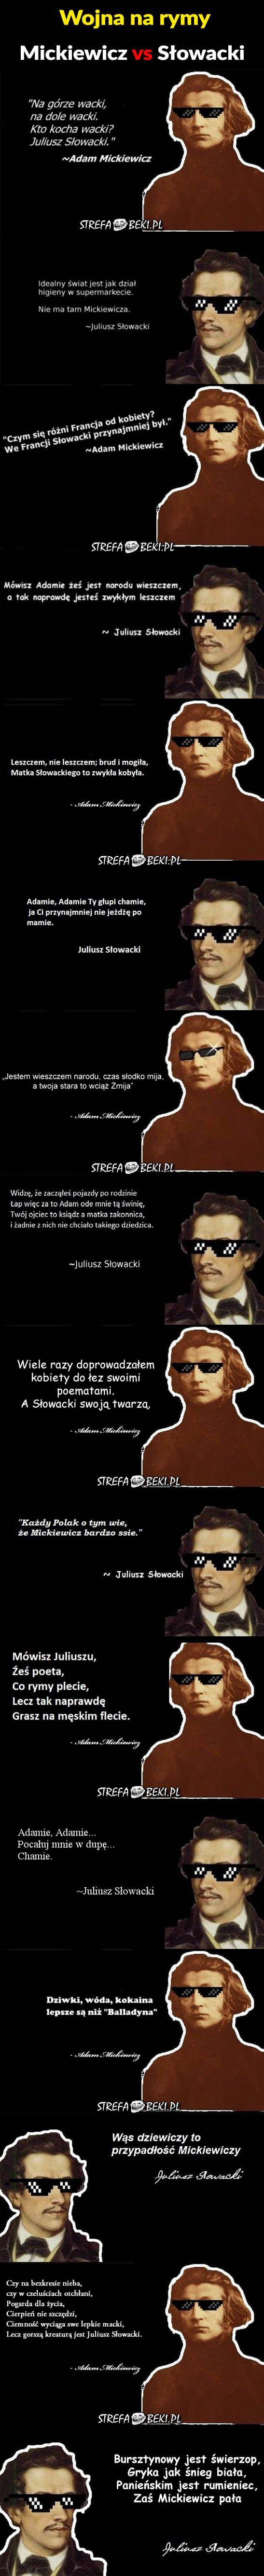 Mickiewicz vs Słowacki